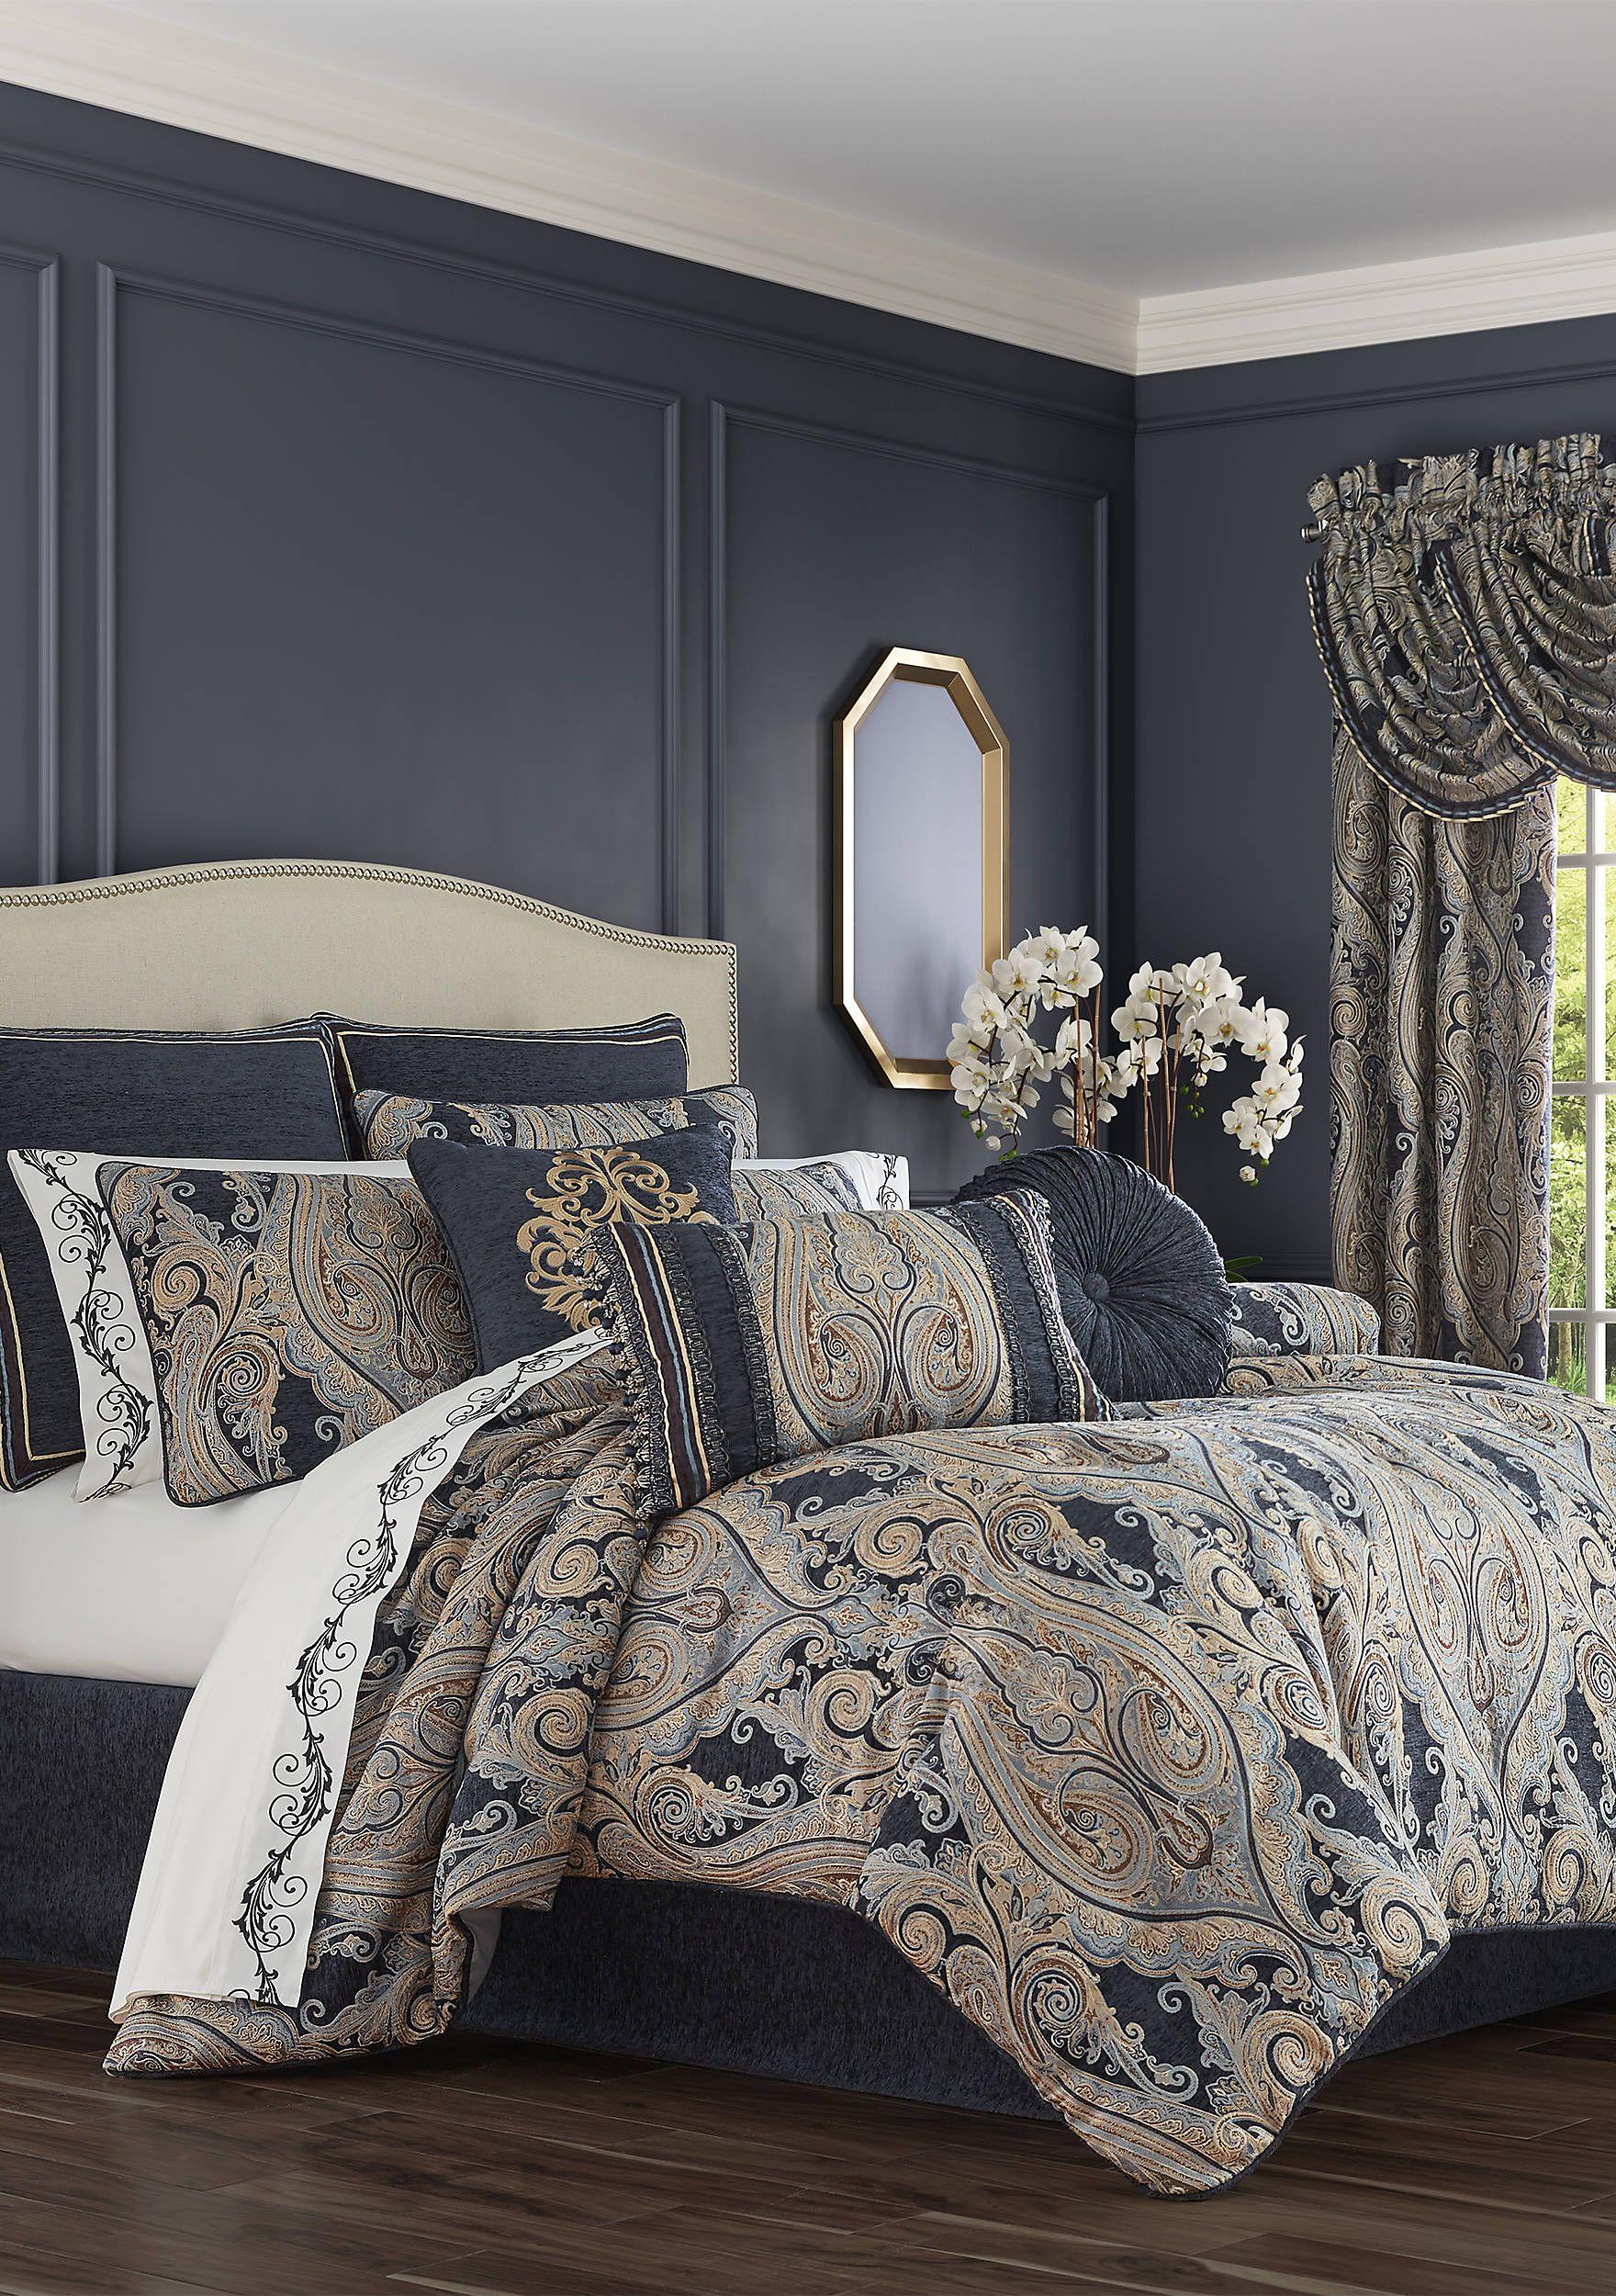 J Queen New York Luciana Indigo 4 Piece Comforter Set in